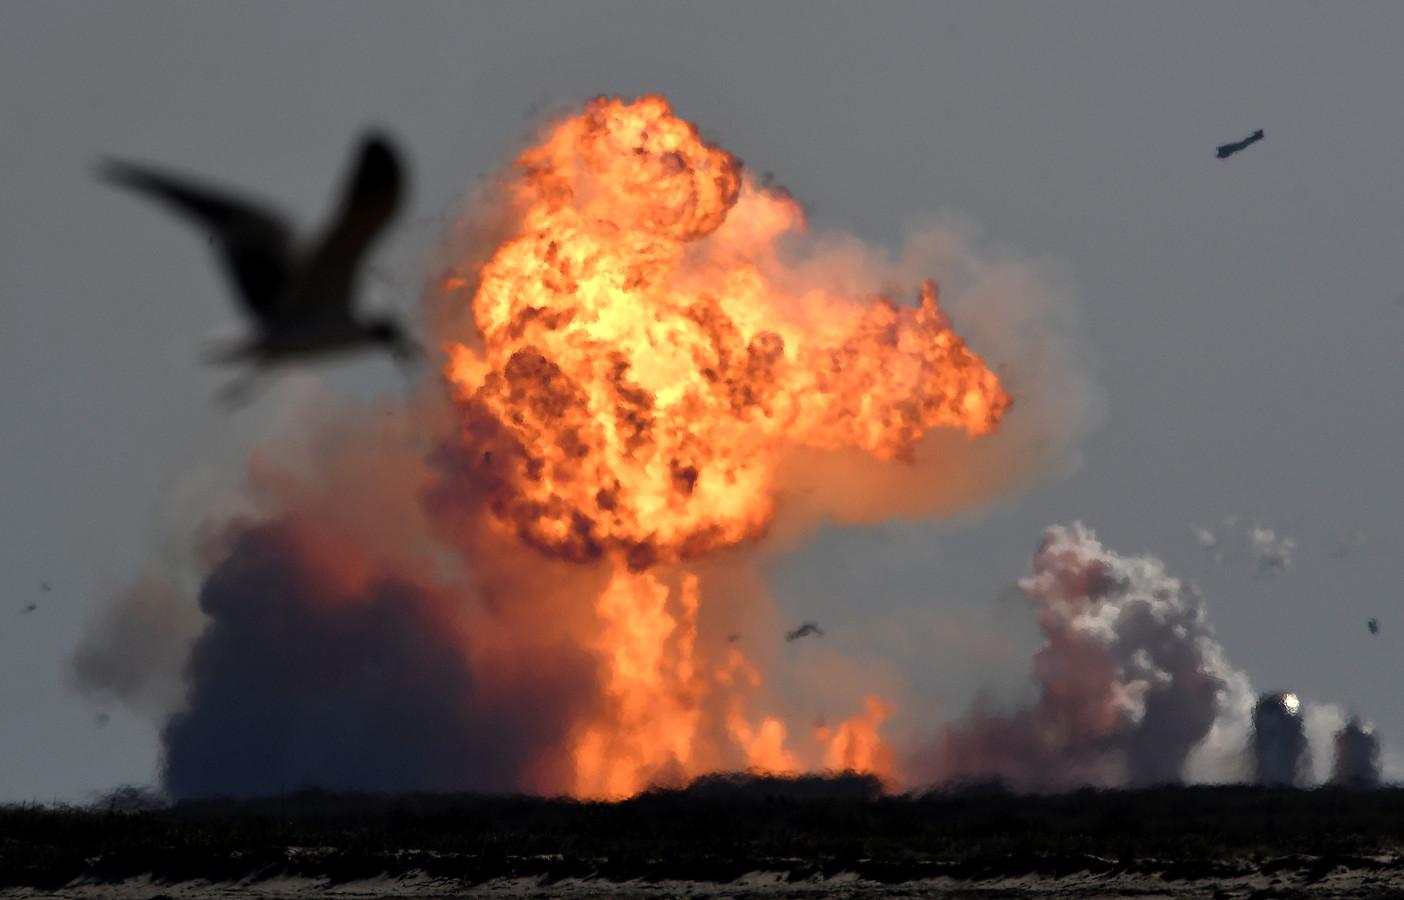 Tot nog toe waren onbemande testvluchten met de Starship niet succesvol. Bij landingspogingen eindigden de ruimtevaartuigen in een grote vuurbal.